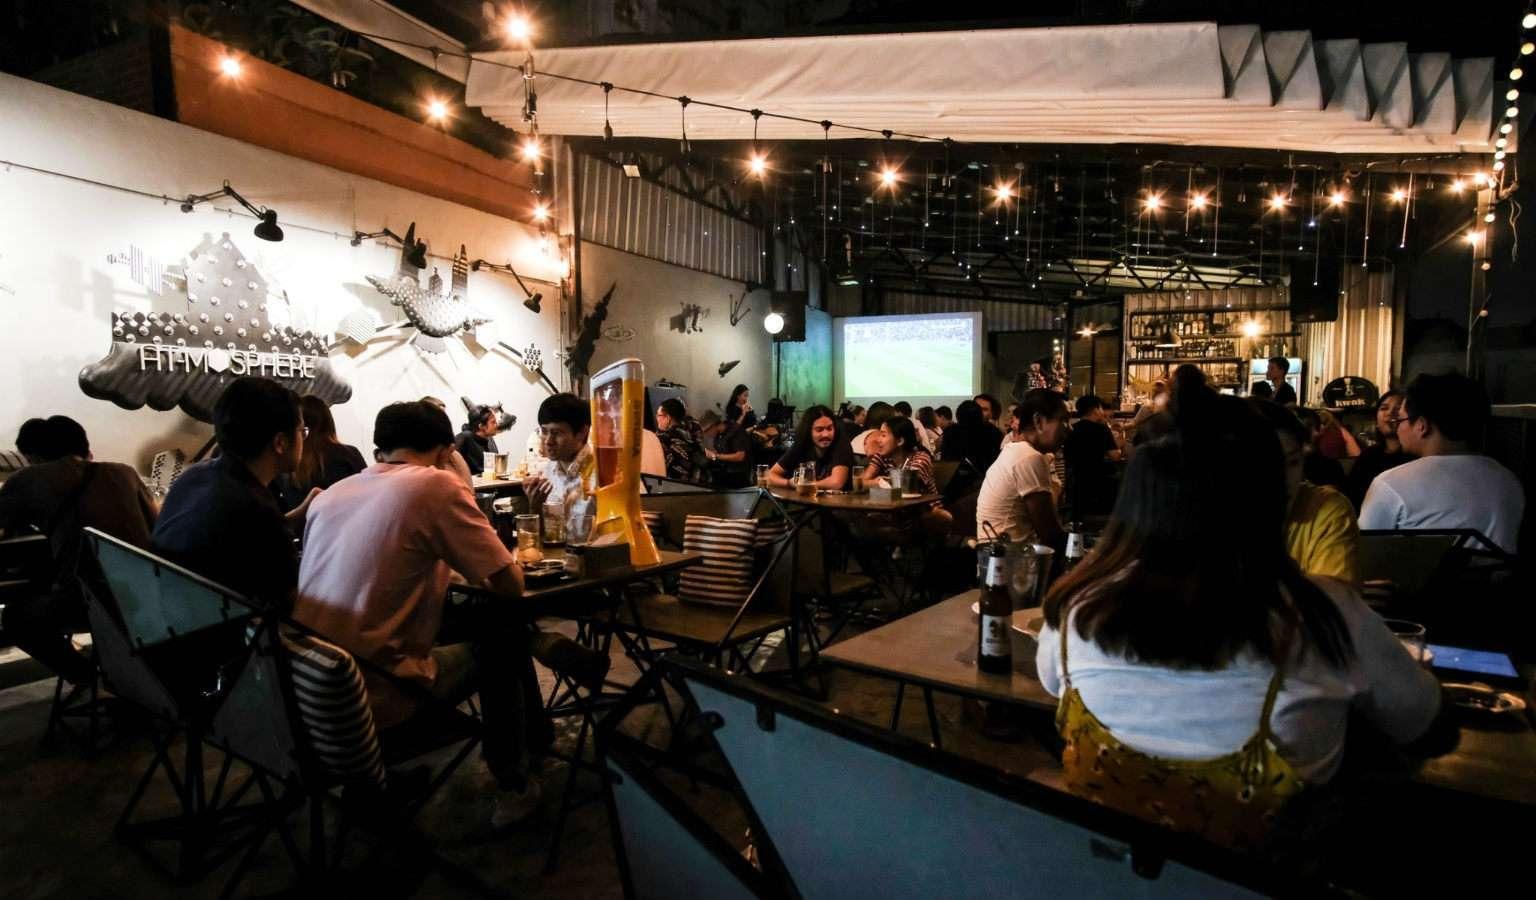 Sfeerbeeld van At-mosphere Rooftop Cafe in Bangkok, Thailand